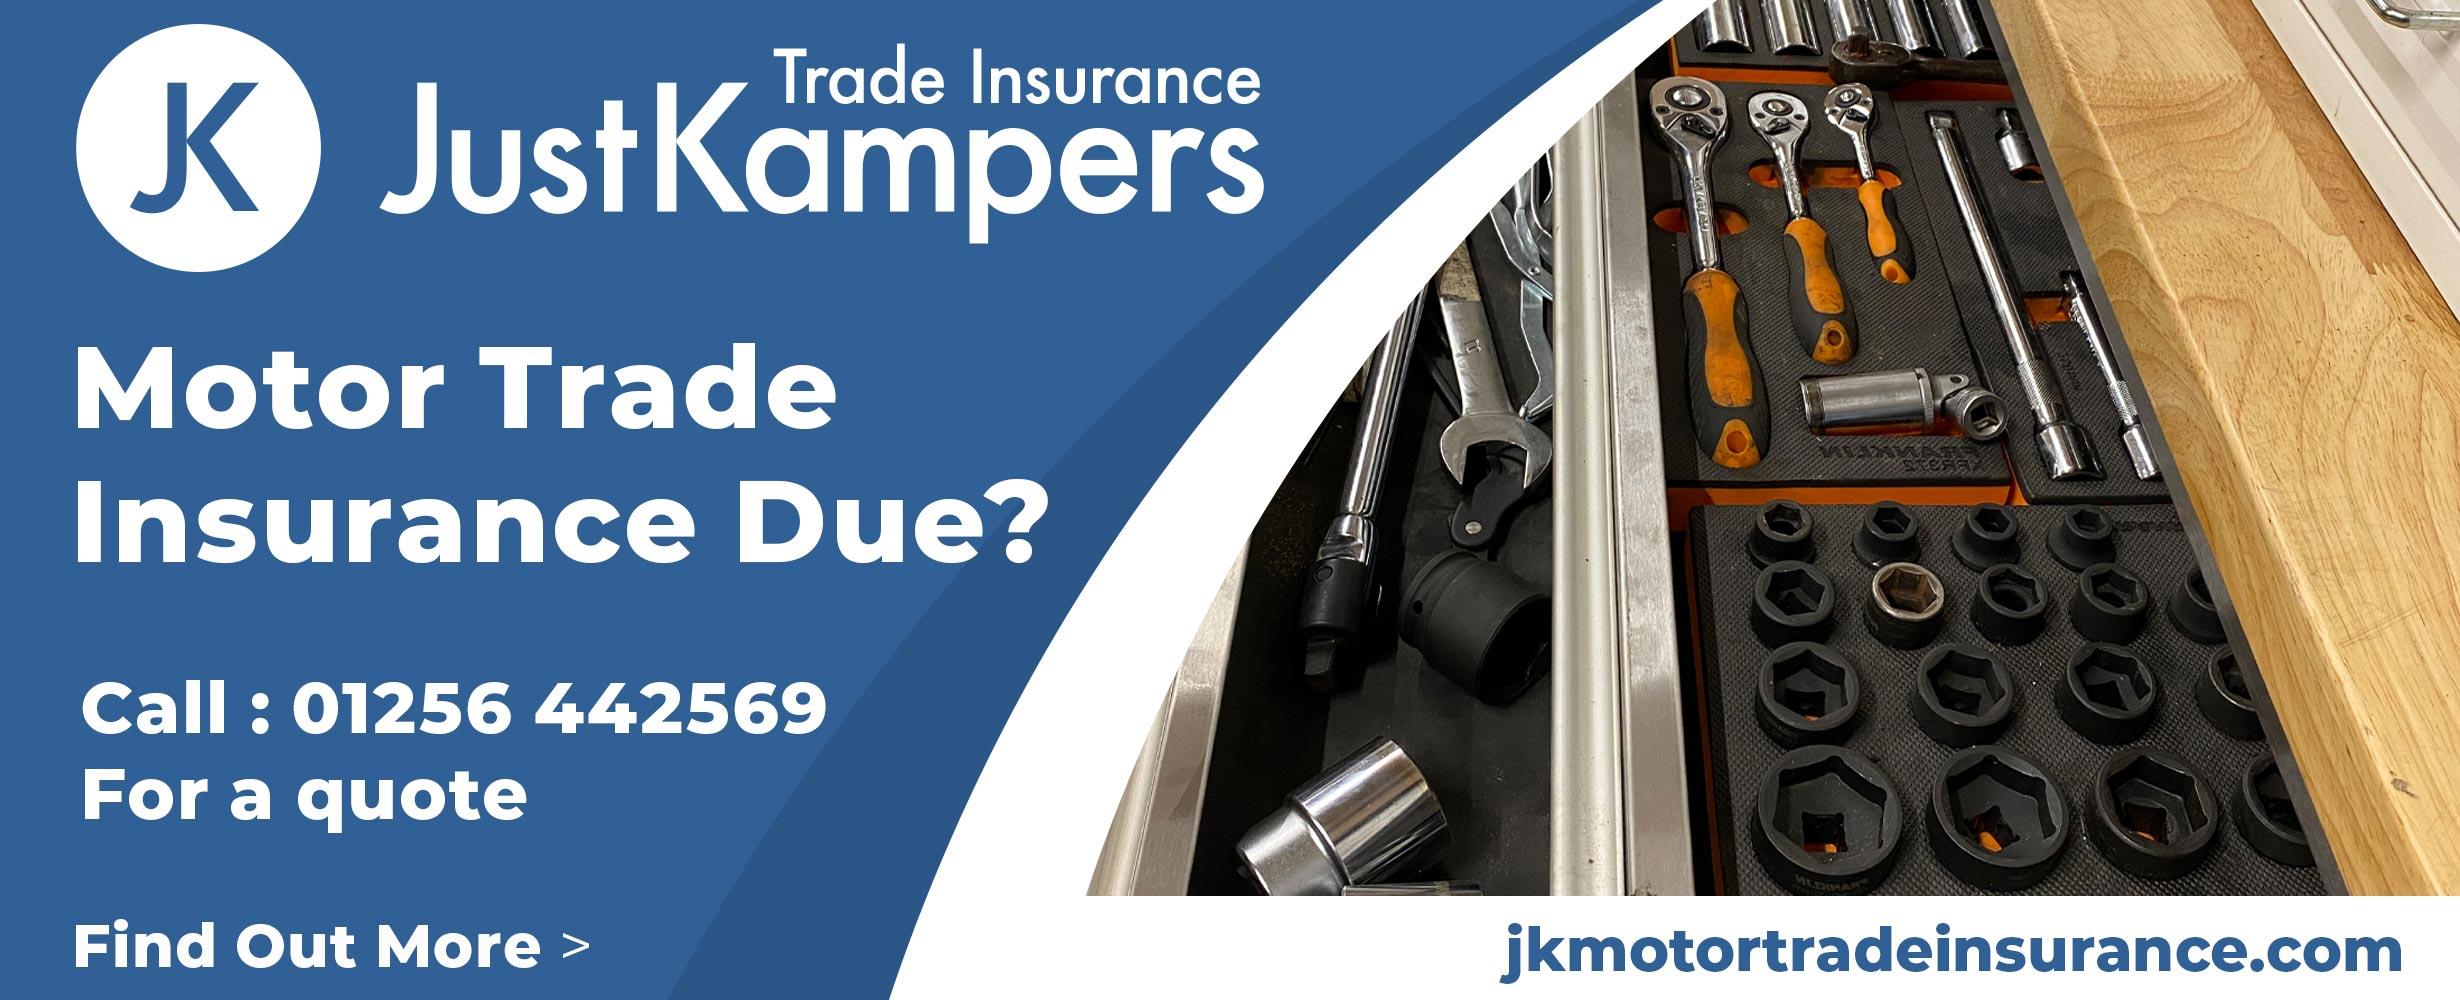 JK Motor Trade Insurance